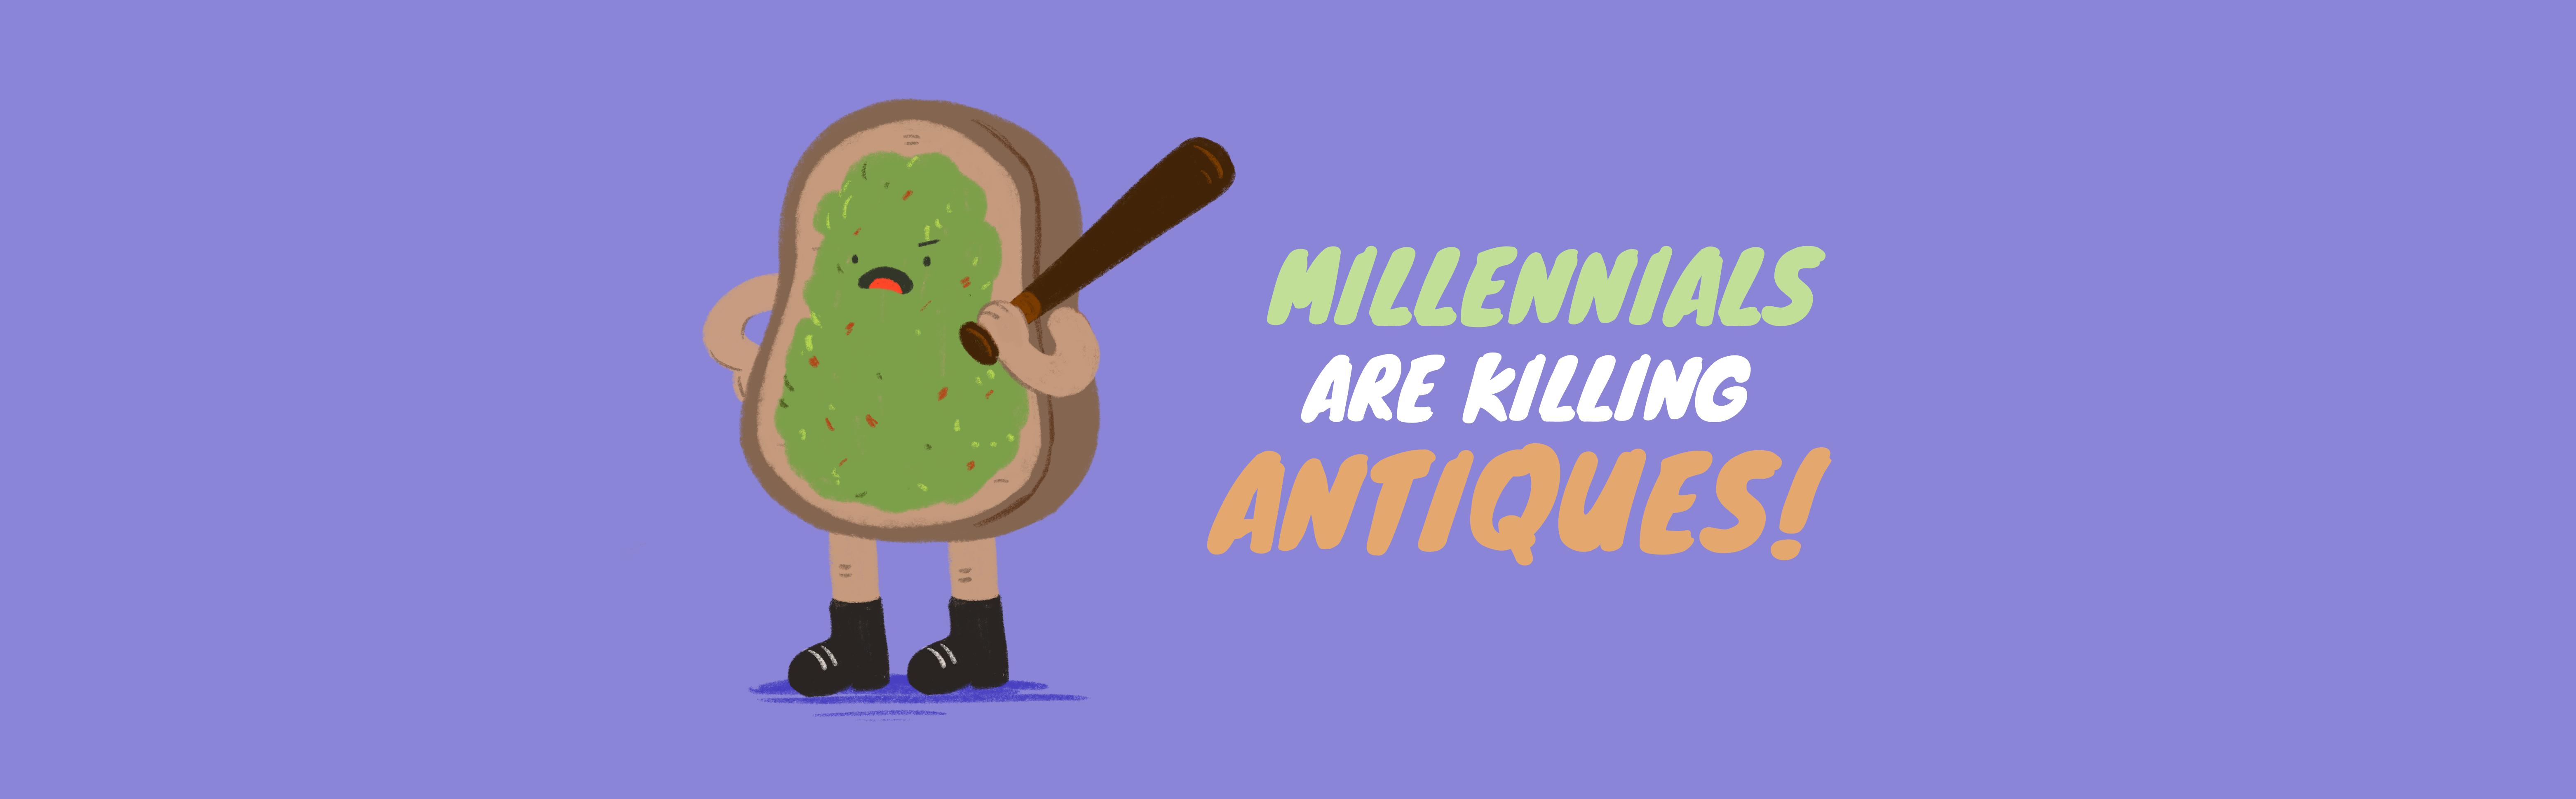 Millennials Are Killing Antiques!